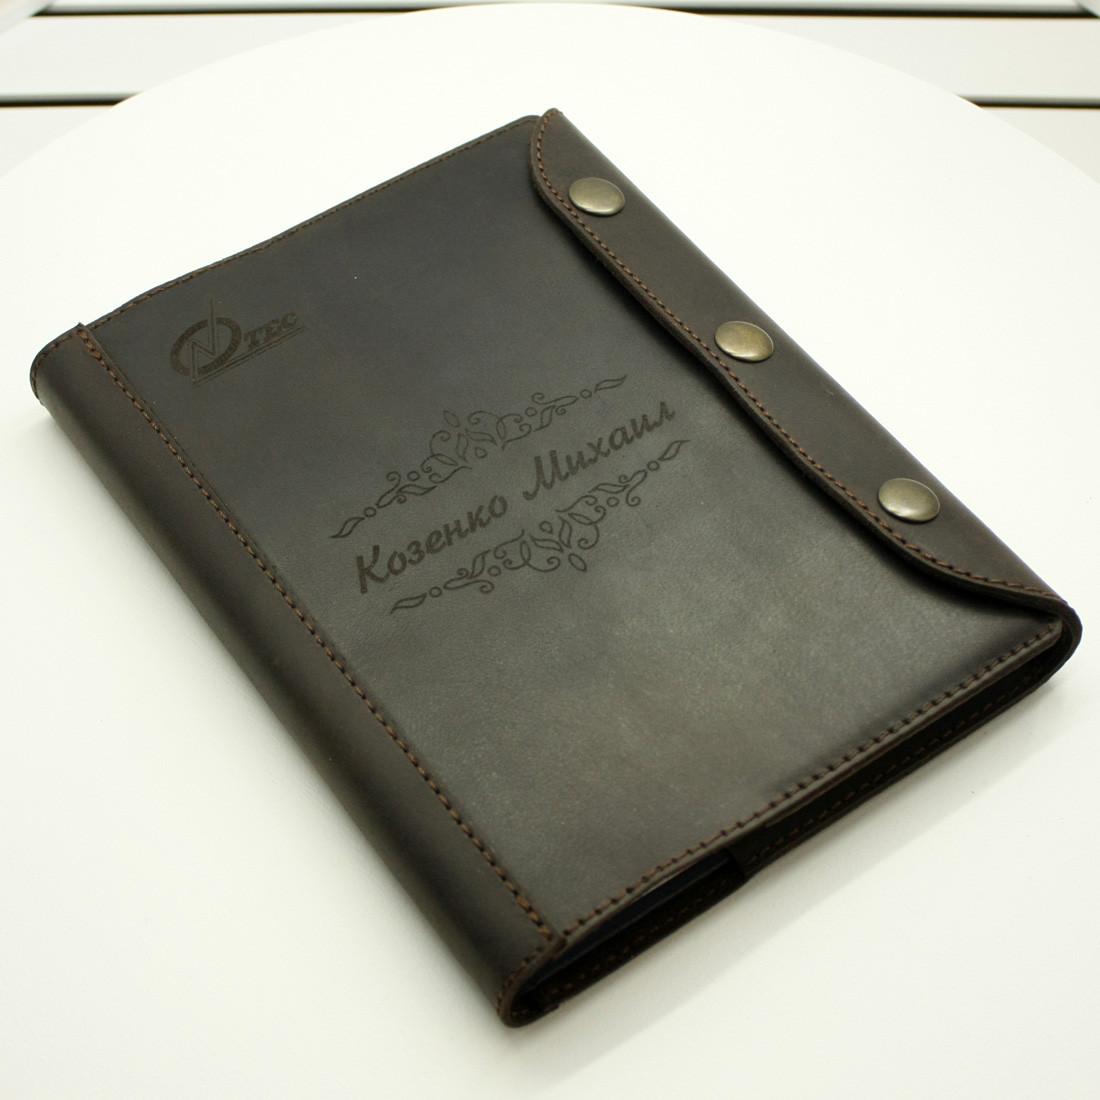 Кожаный блокнот M. Ежедневник с кожаной обложкой А5. Лазерная гравировка изображений